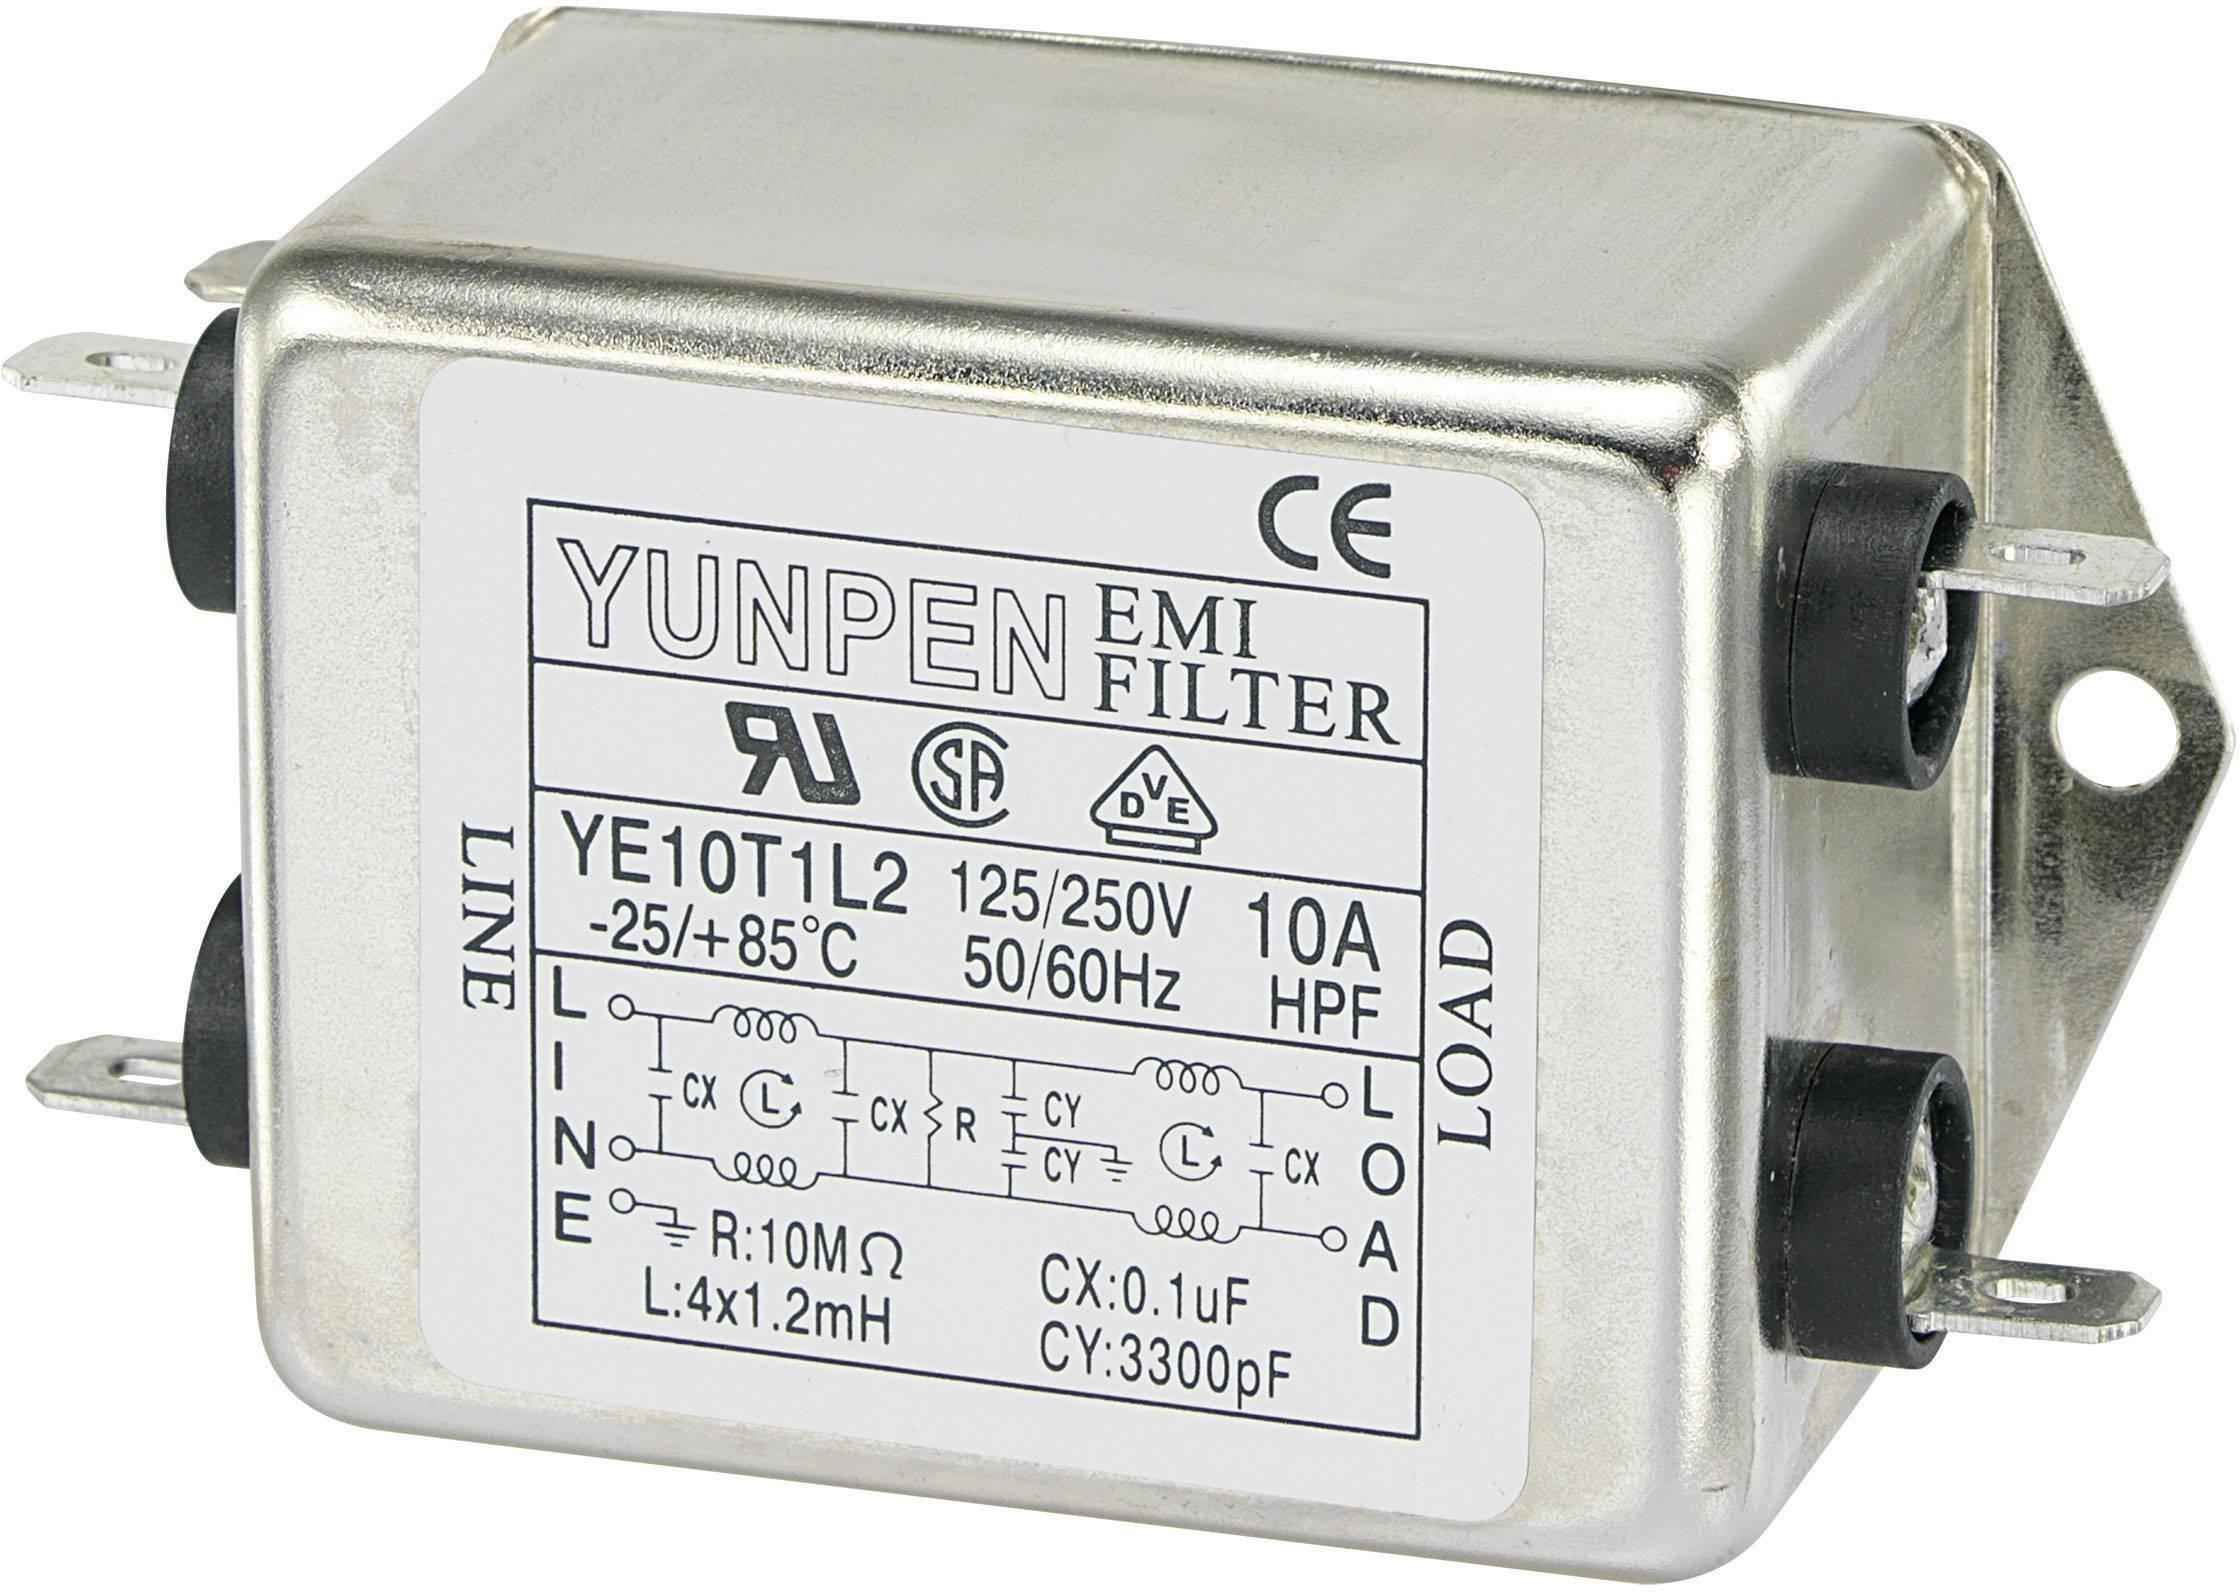 Síťový filtr Yunpen, YE10T1L2, 4 x 1,2 mH, 250 V/AC, 10 A